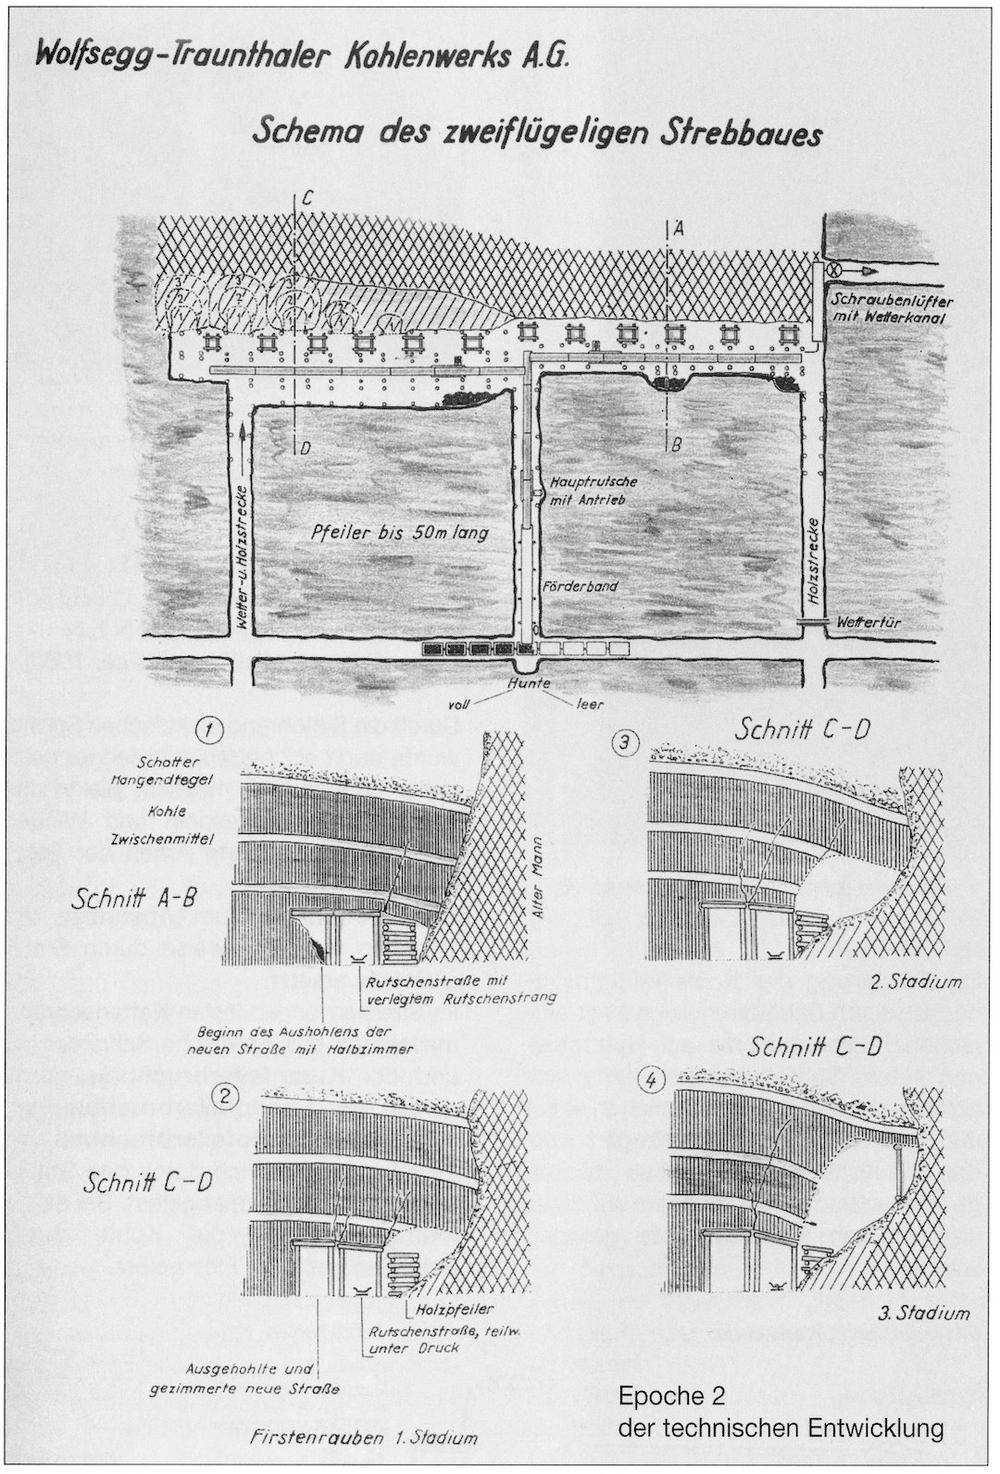 Schema des zweiflügeligen Strebbaus, WTK